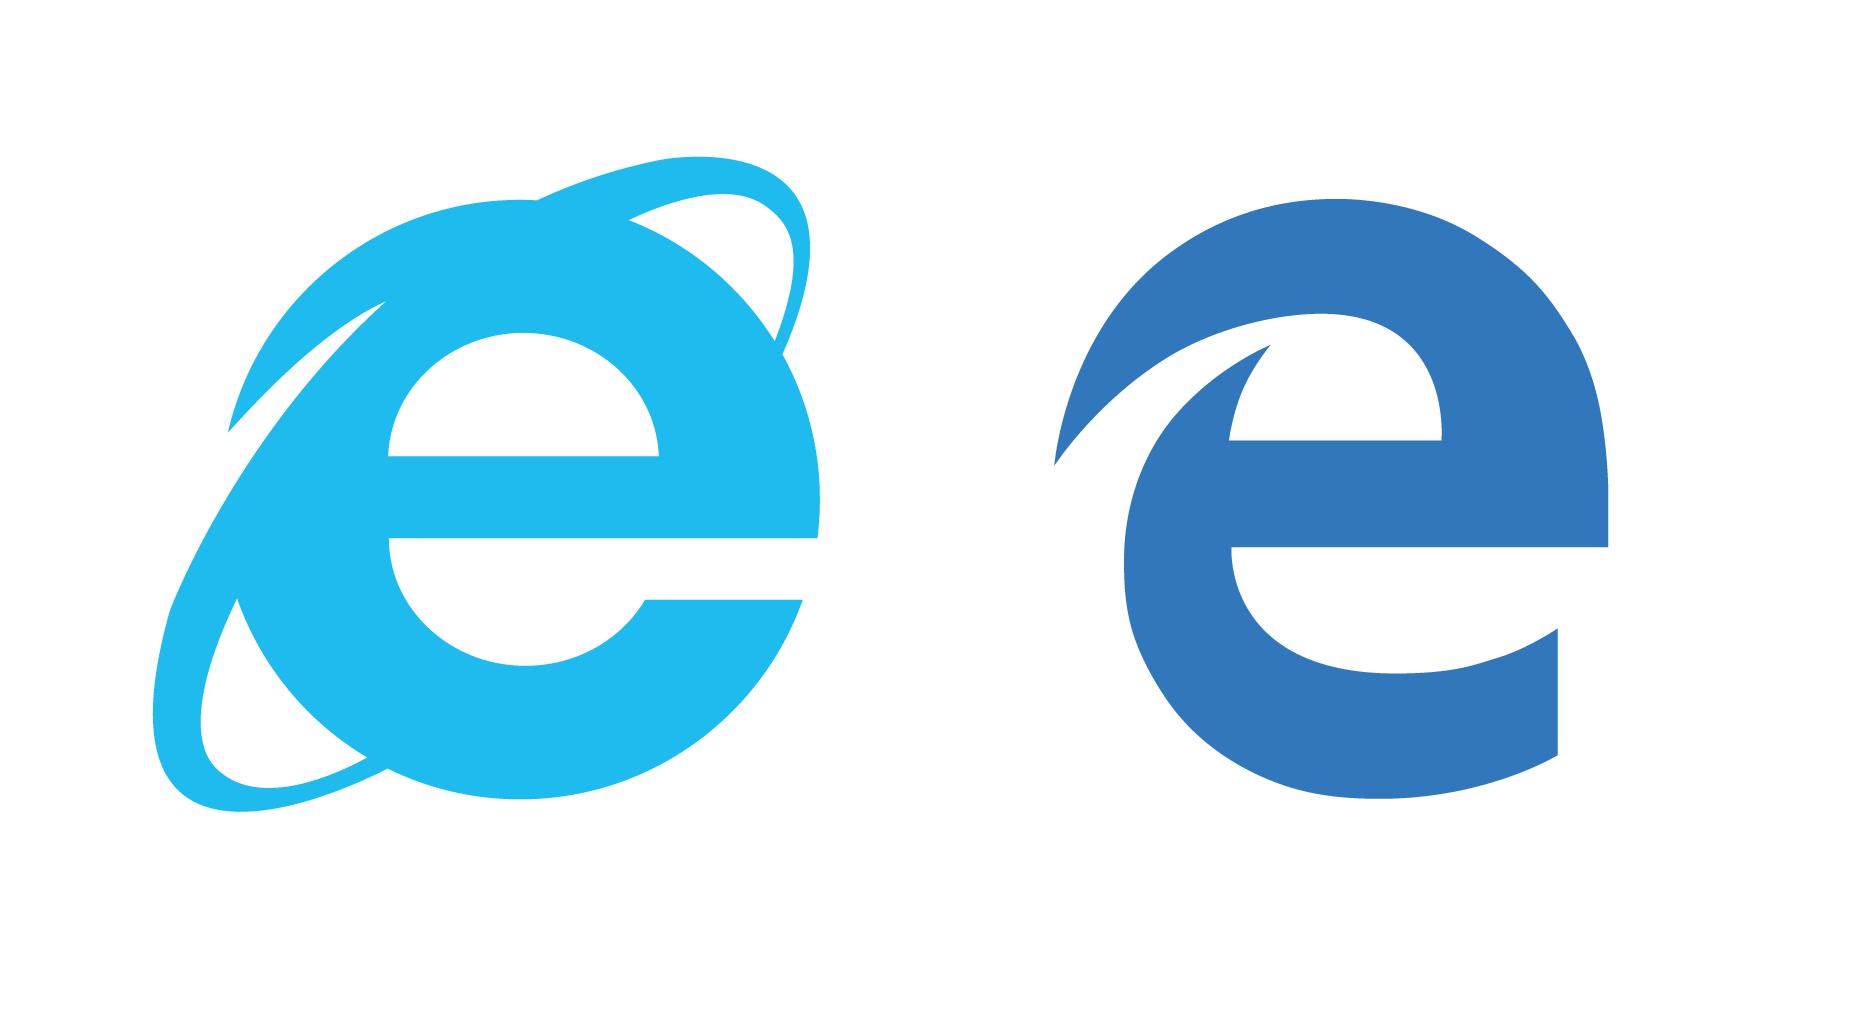 logo-compare